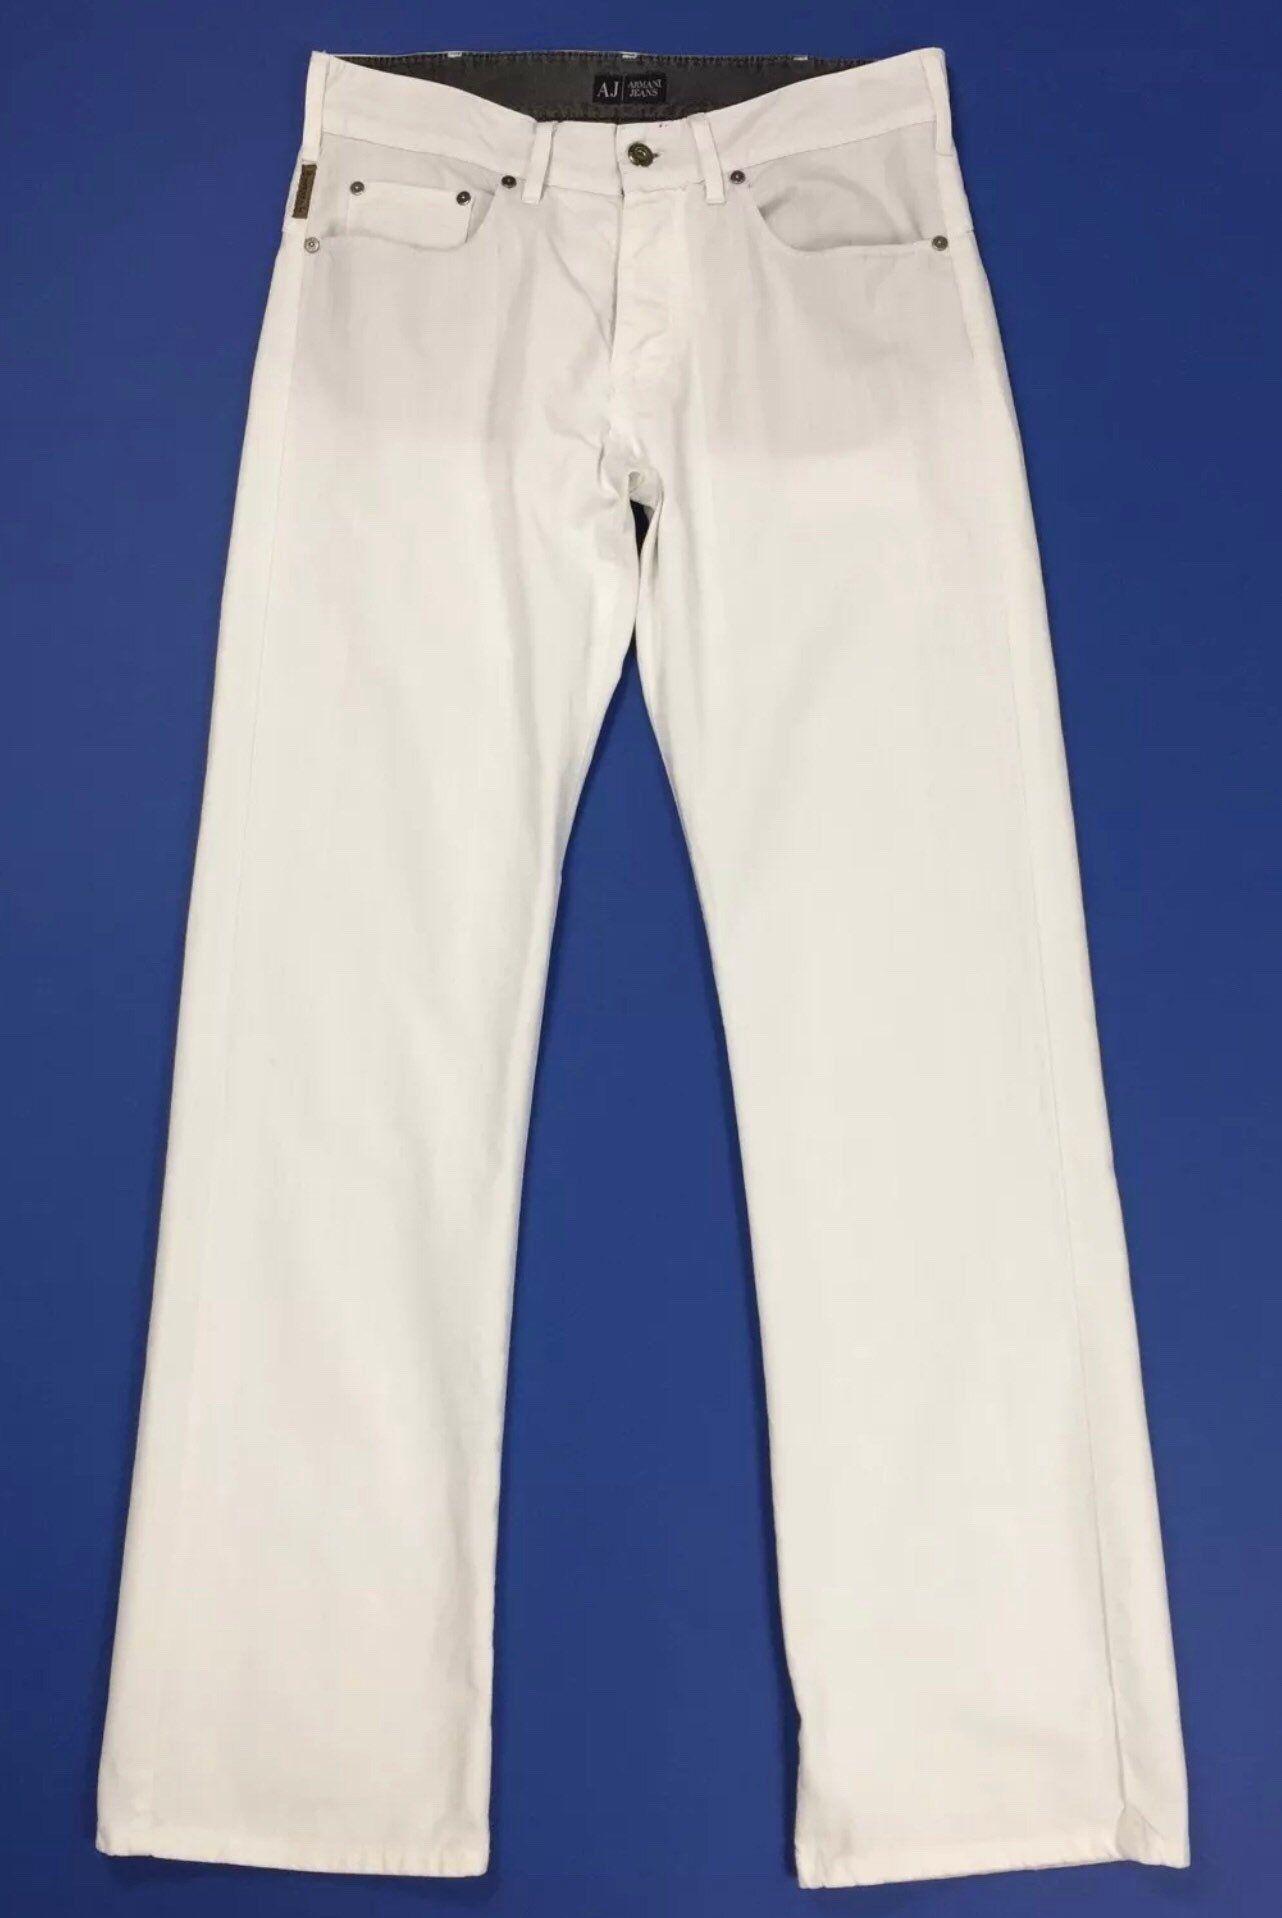 premium selection 7e32d 8d7f4 Miu miu pantalone uomo usato W34 tg 48 grigio riga straight ...